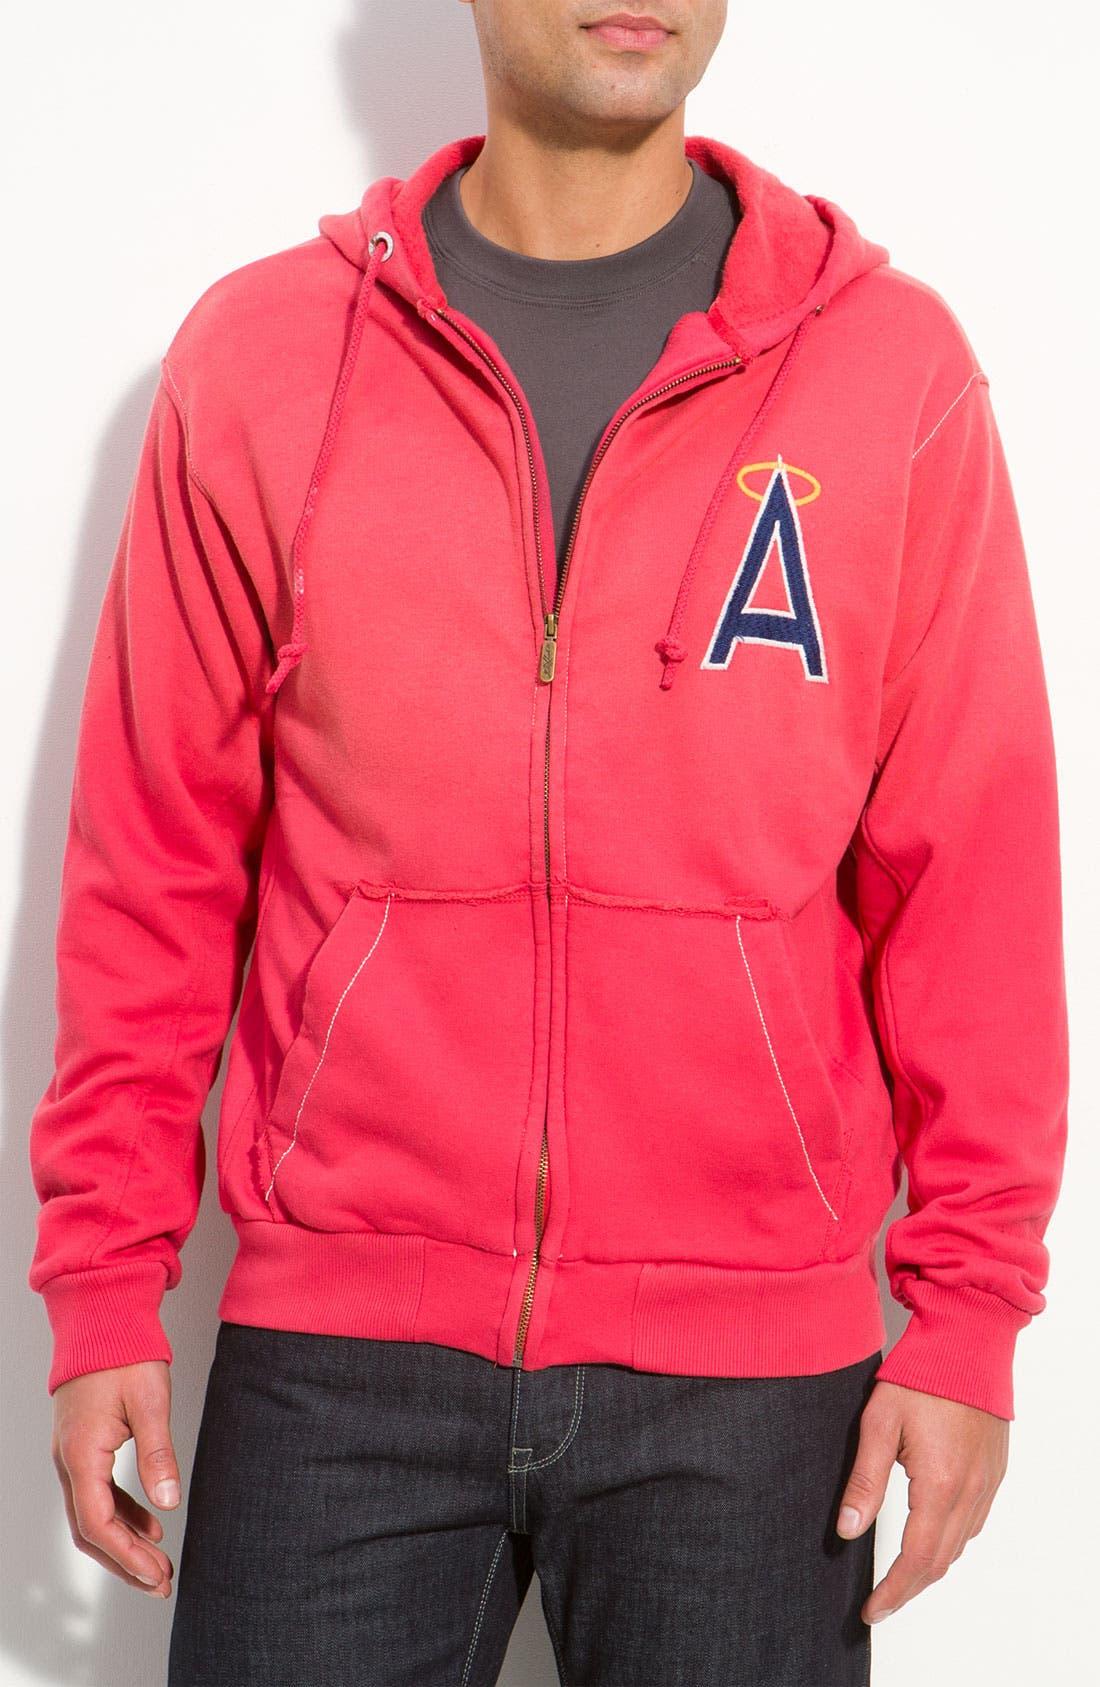 Main Image - Red Jacket 'Angels' Hoodie